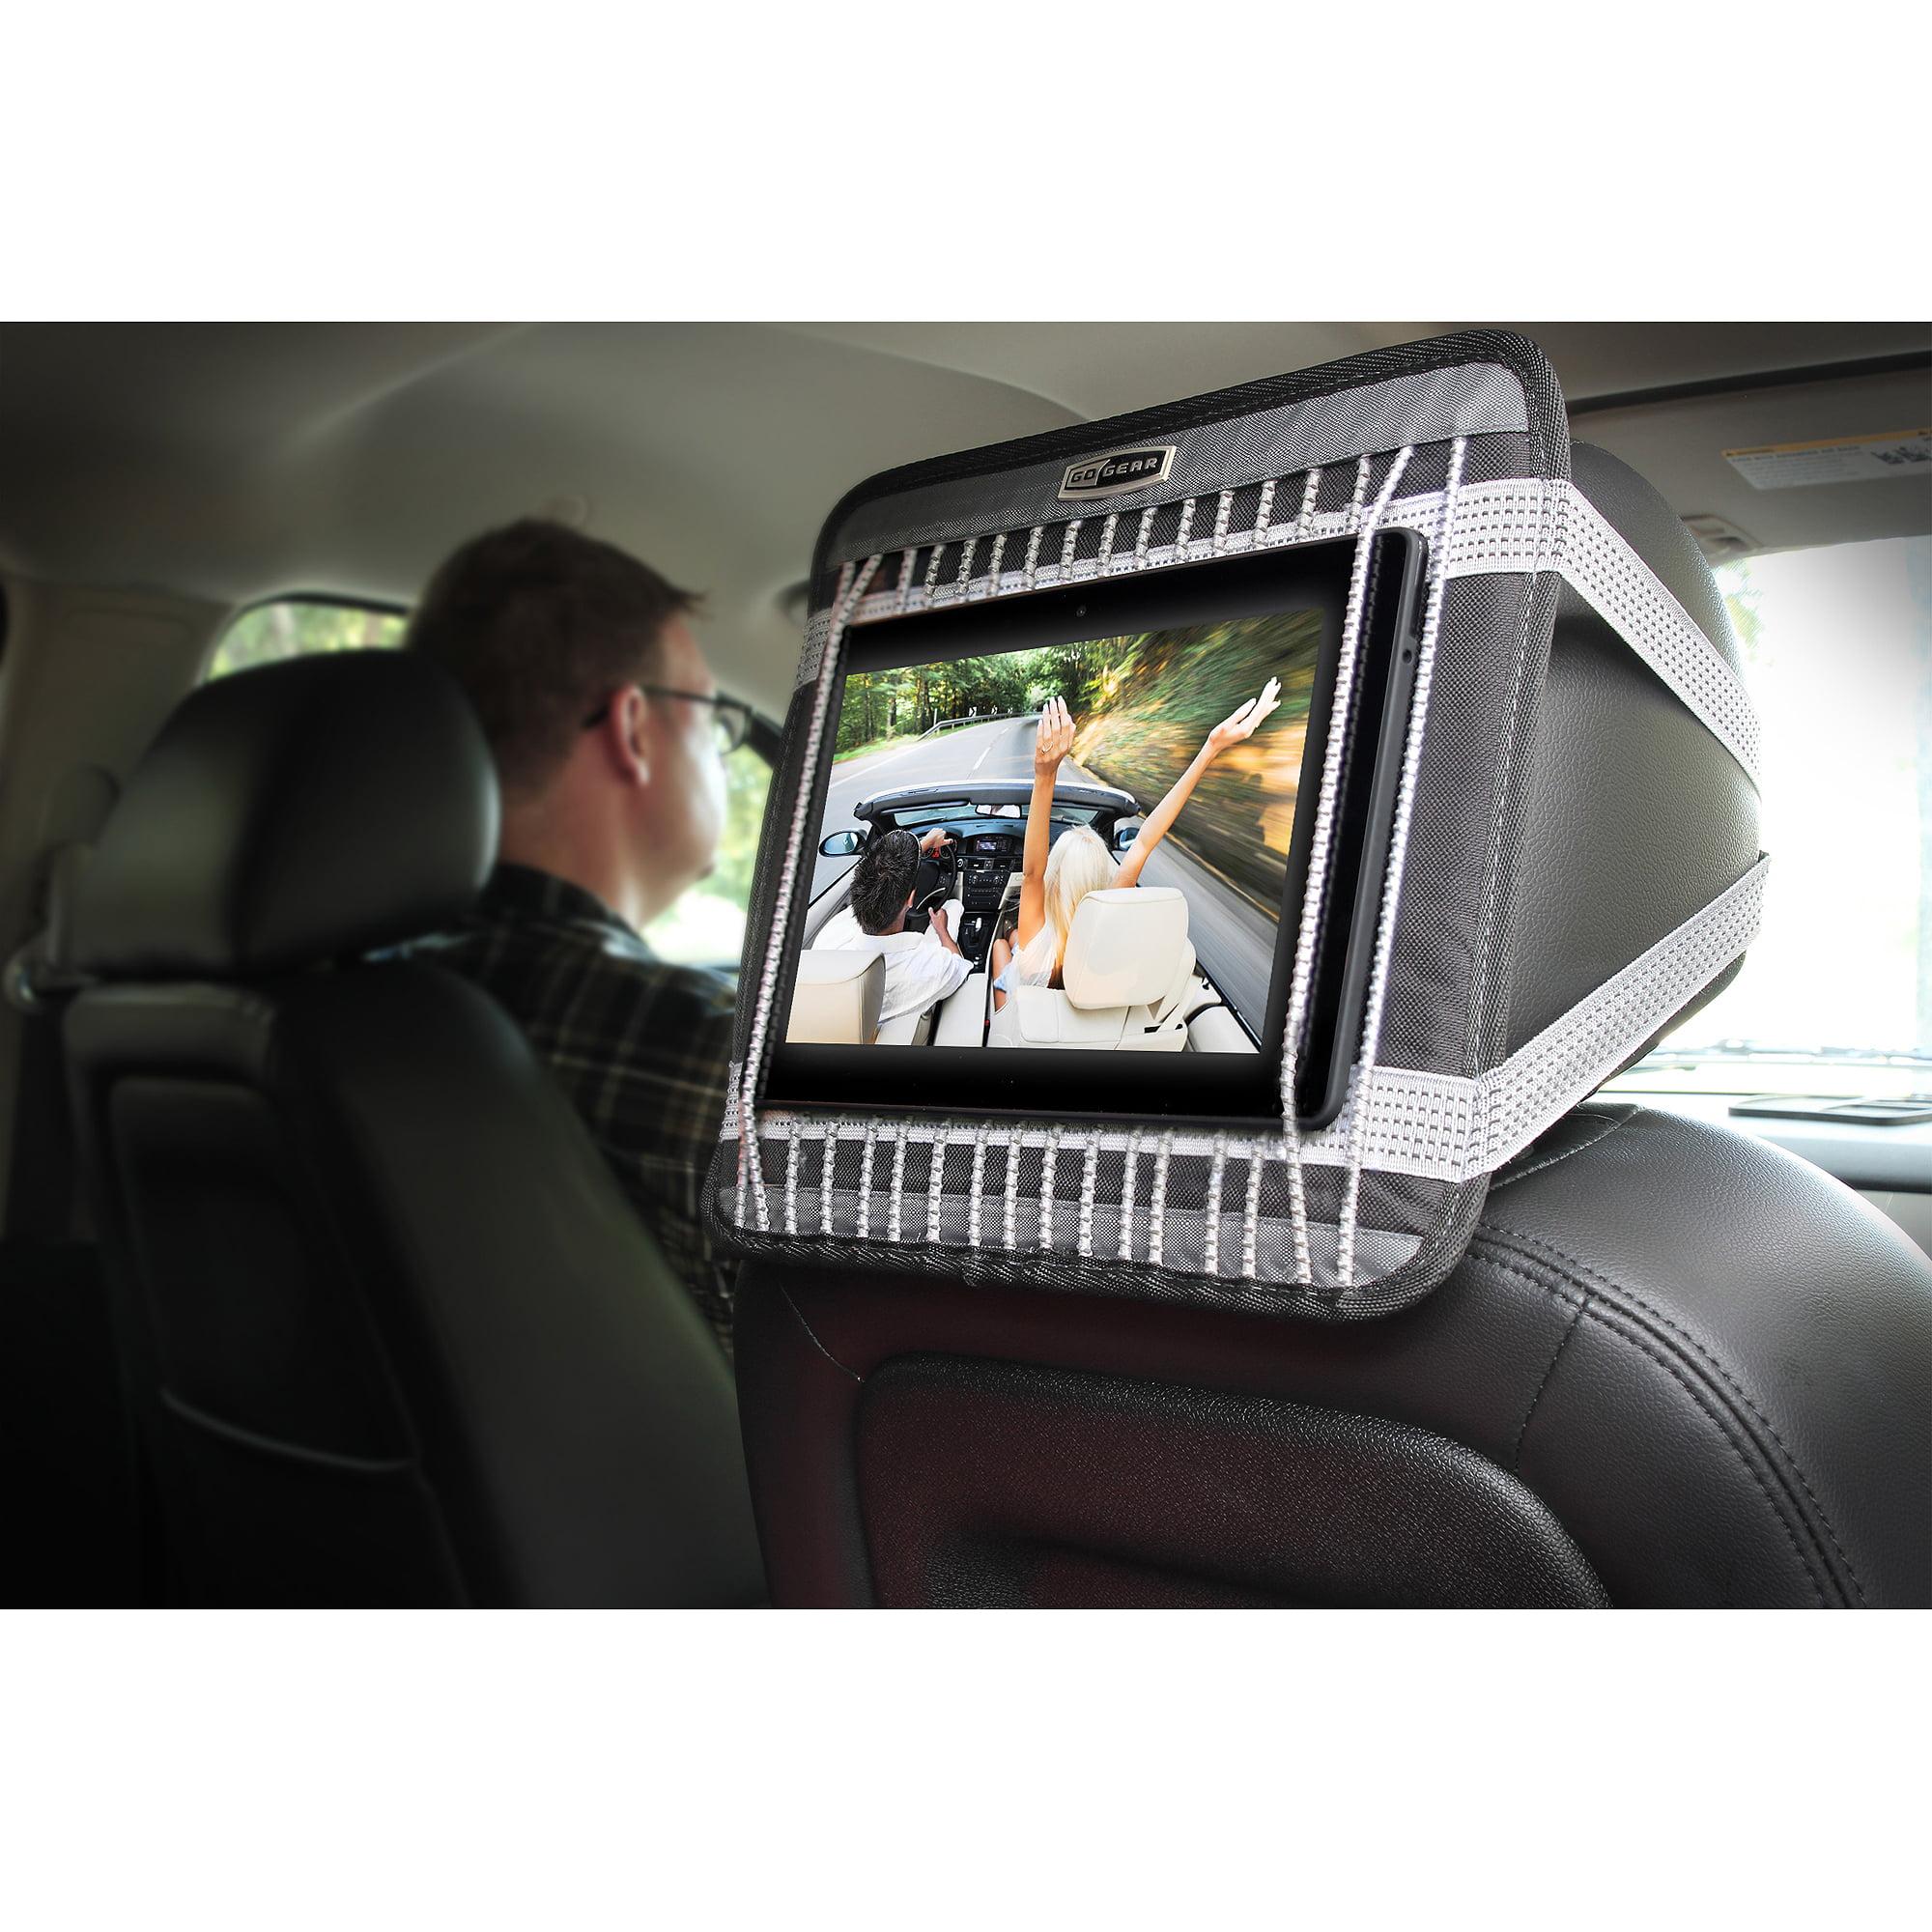 Diy Tablet Car Mount Backseat Clublifeglobal